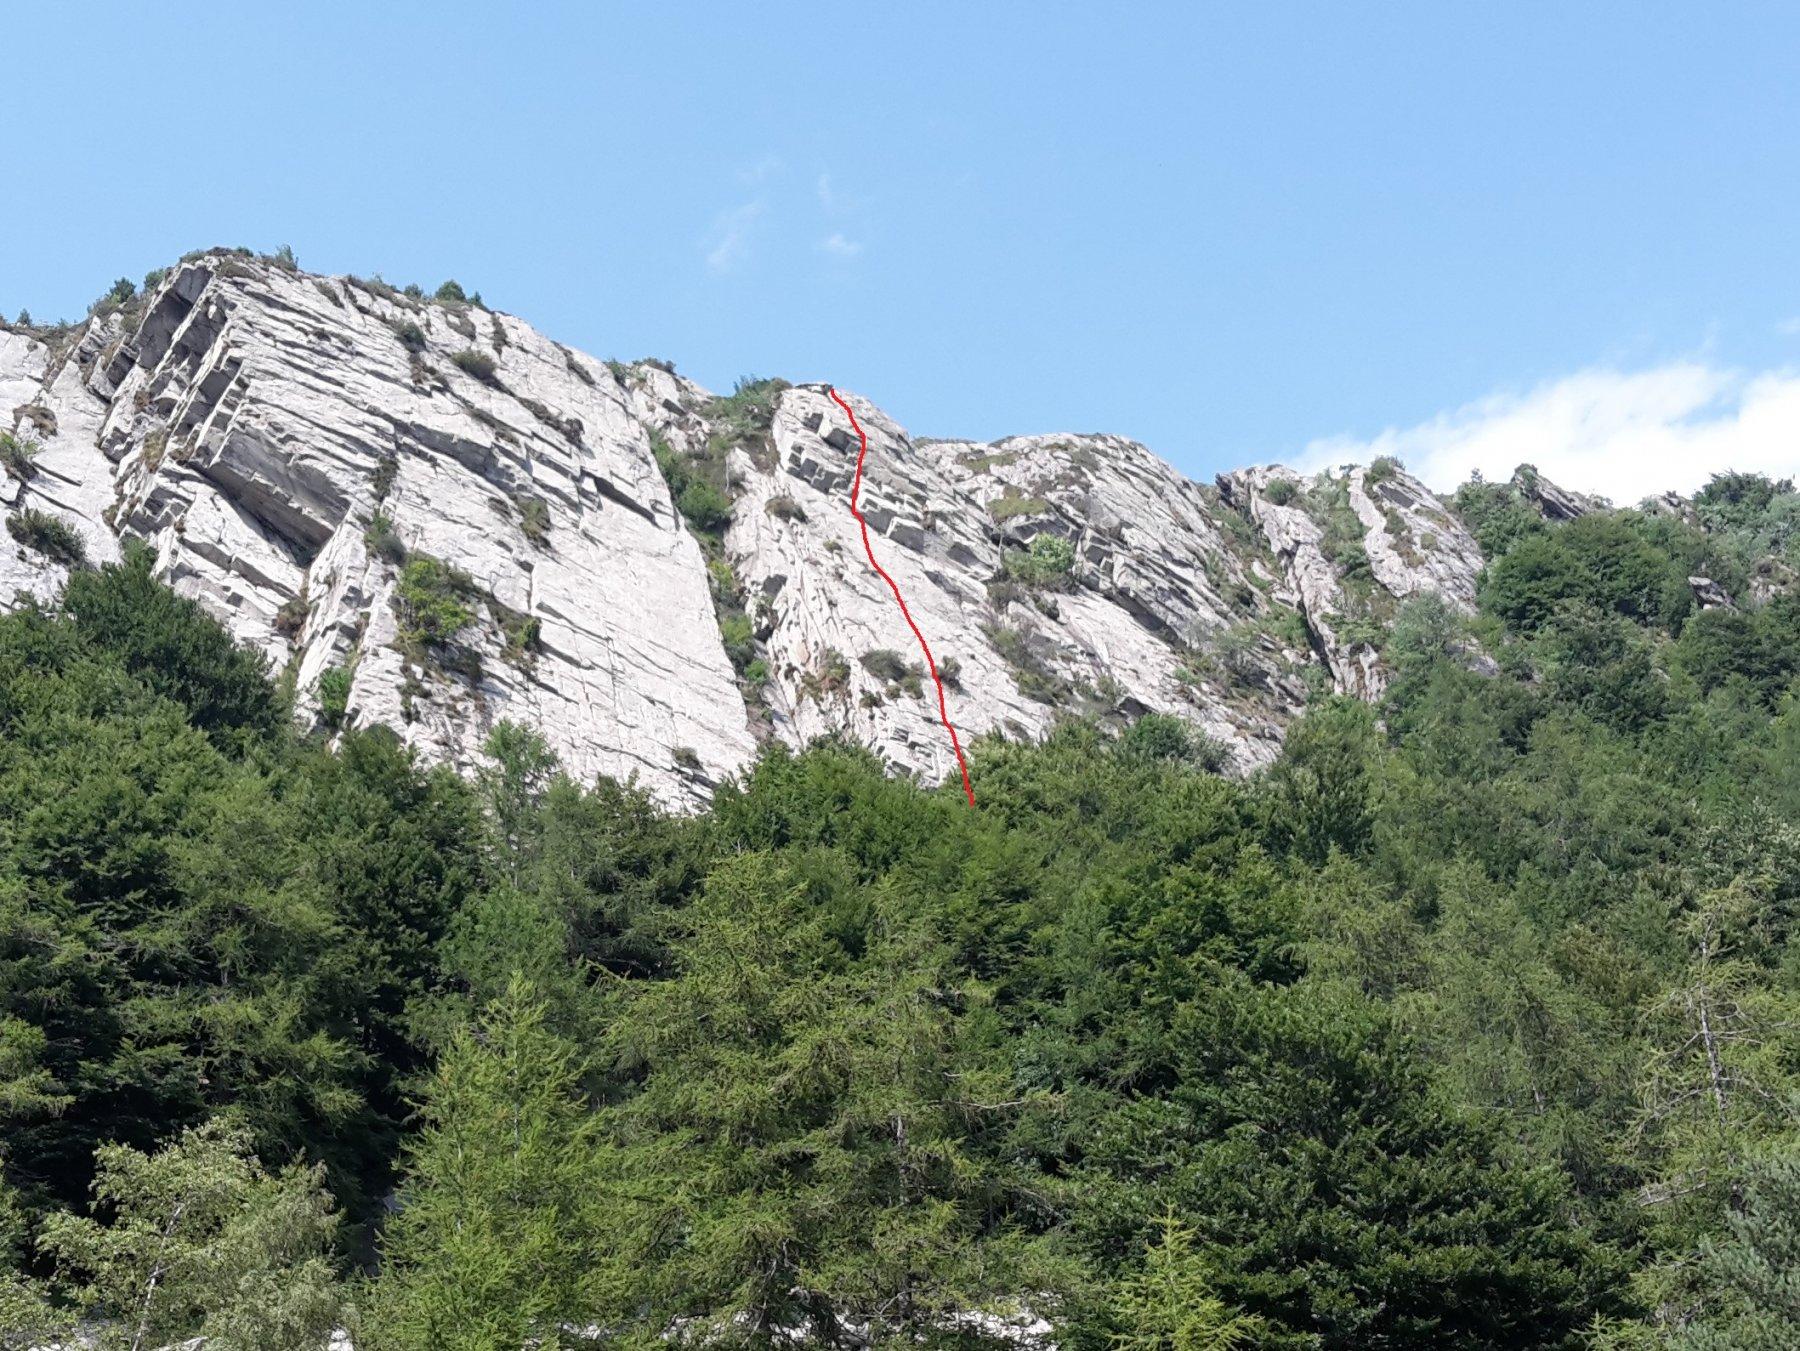 la linea approssimativa di arrampicata